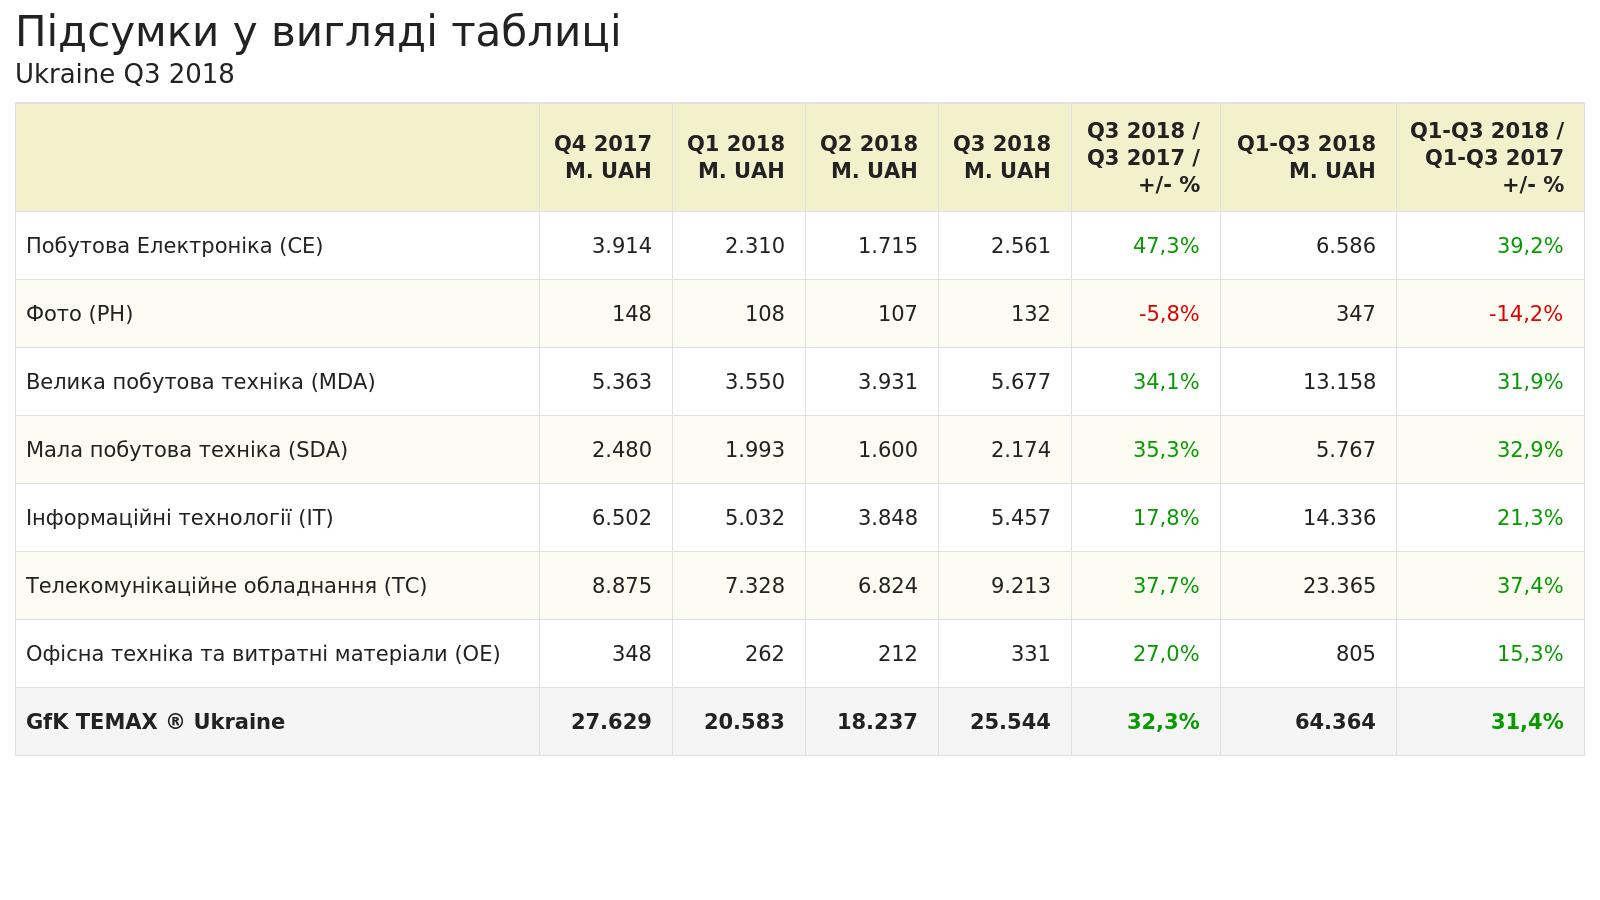 Українські ритейлери заробили 64 млрд грн на продажах електроніки — дослідження